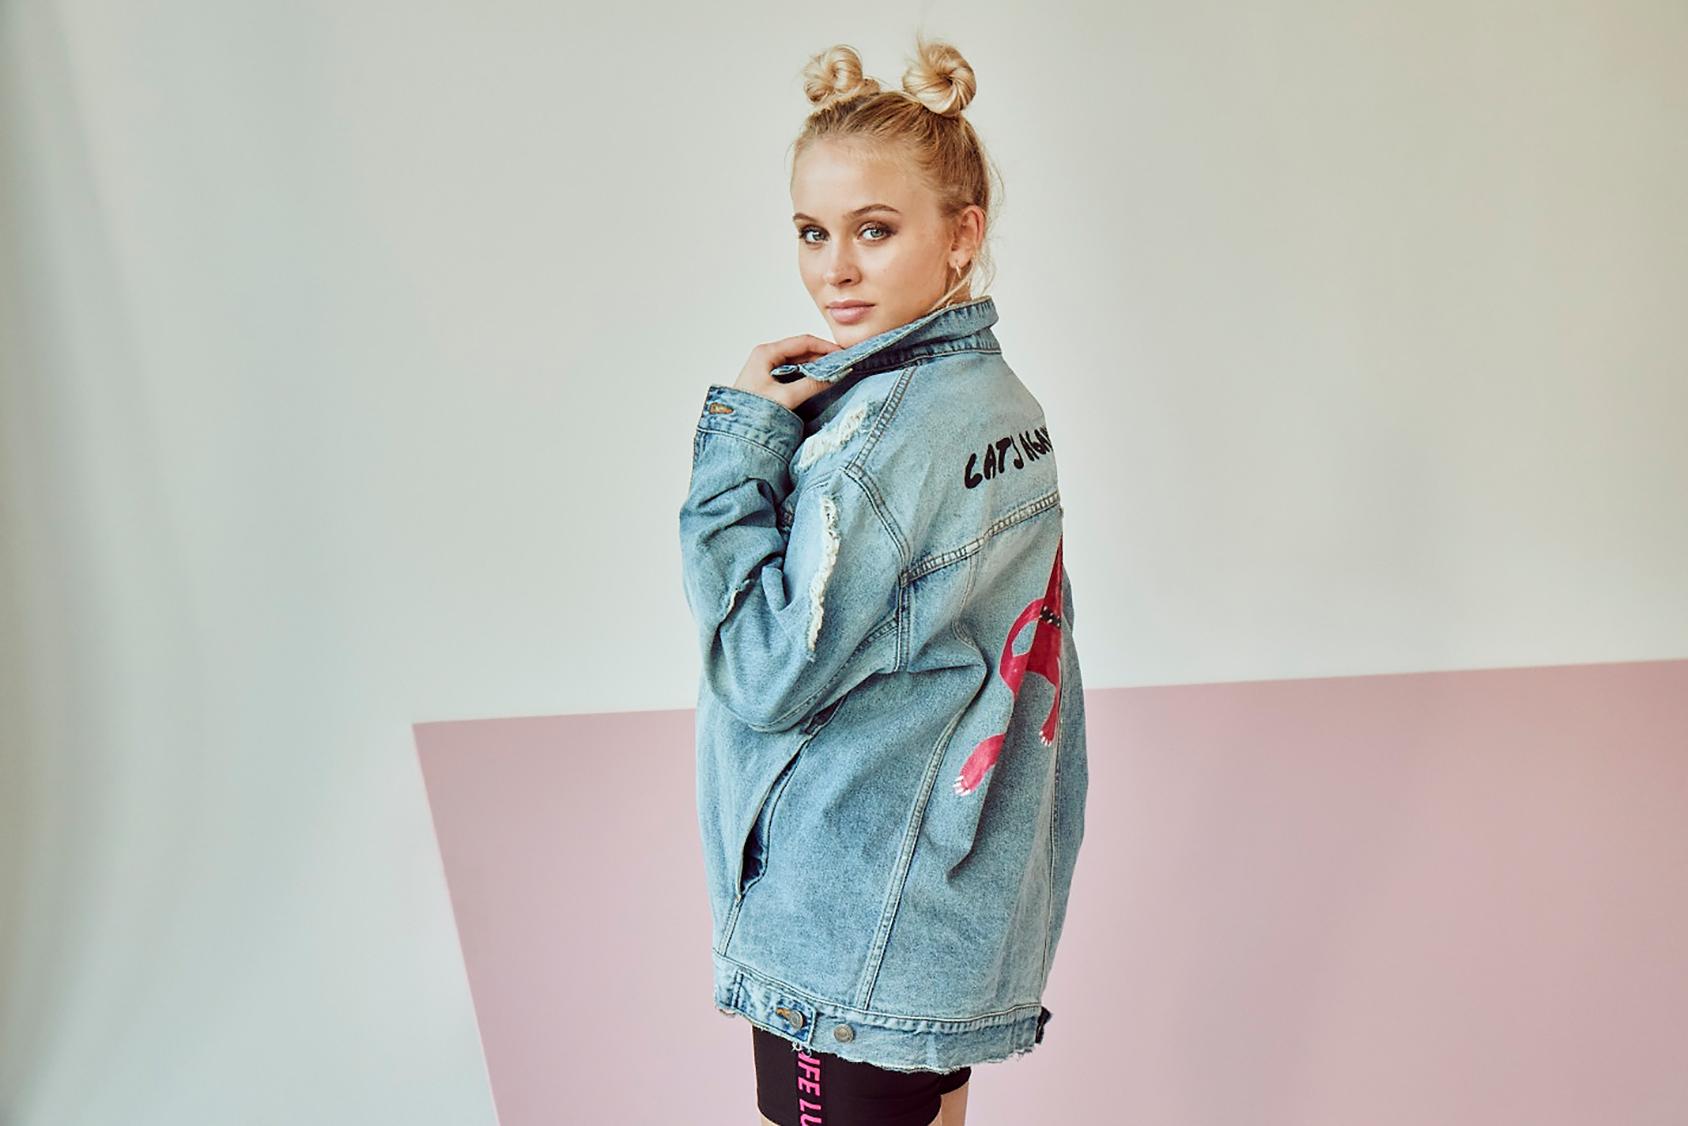 Zara Larsson x H&M_4